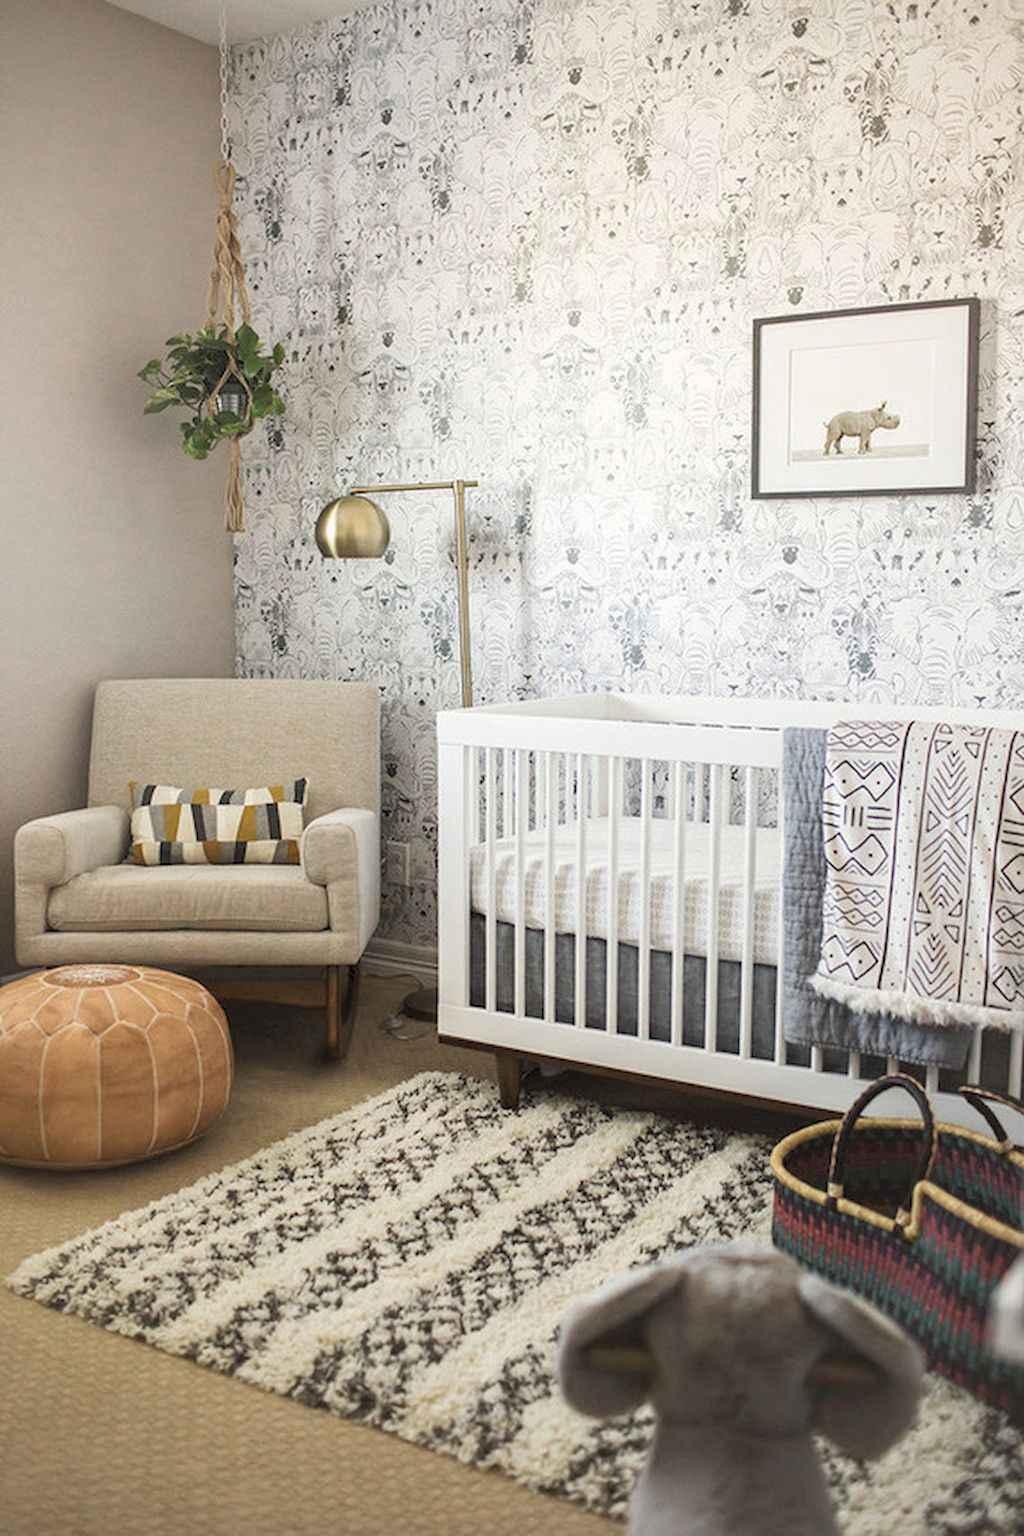 Simply decor baby nursery (11)